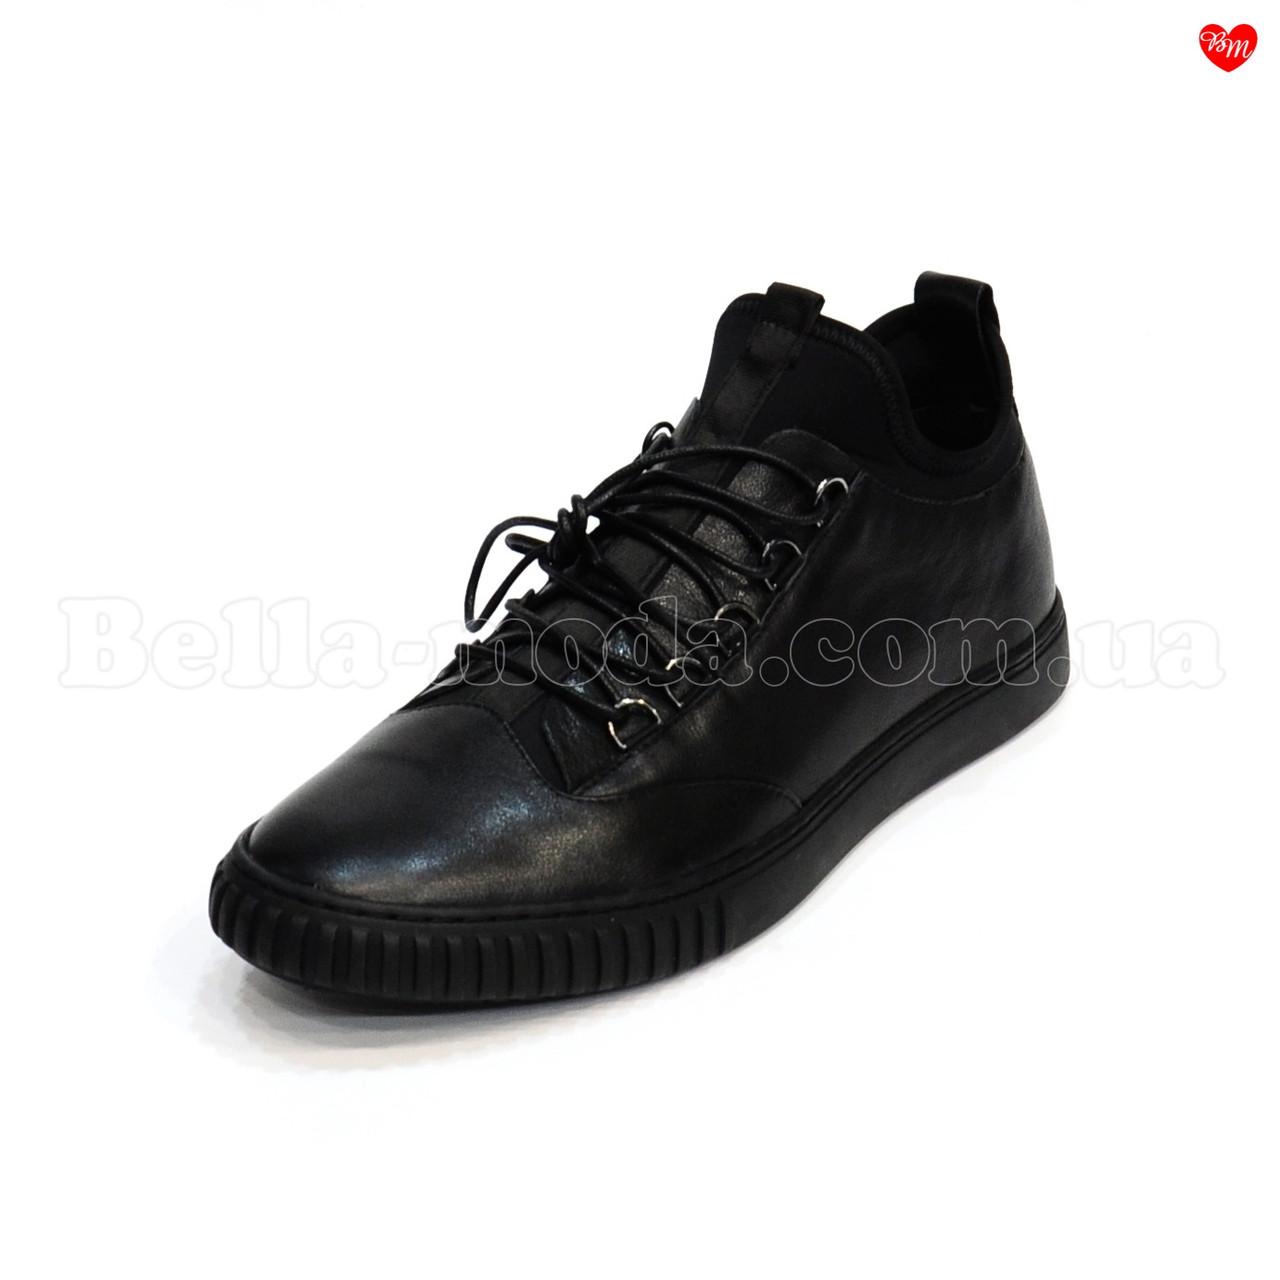 7e59c0ec9ab Мужские высокие кроссовки кожа стрейч Cosottinni - интернет-магазин